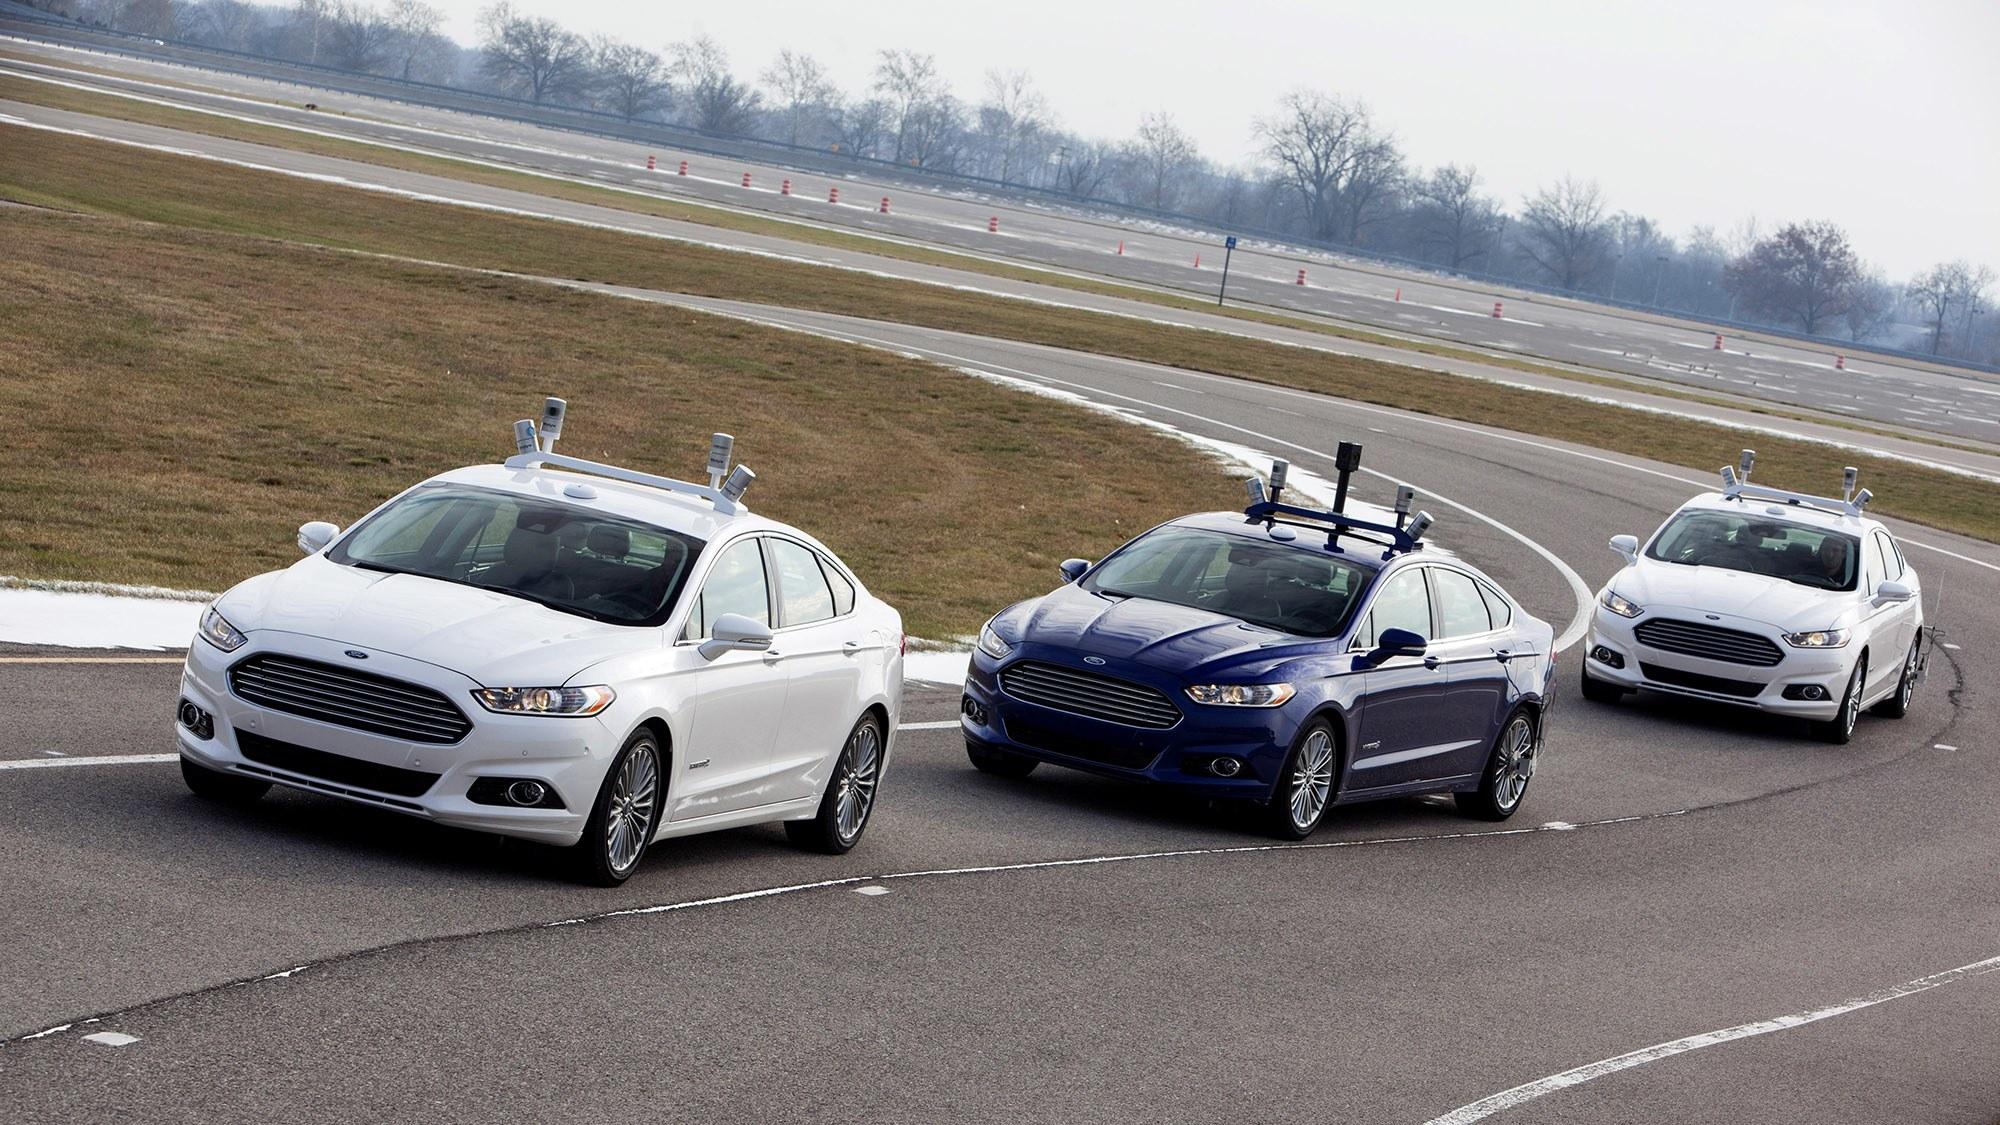 Carros autônomos da Ford em fase de testes